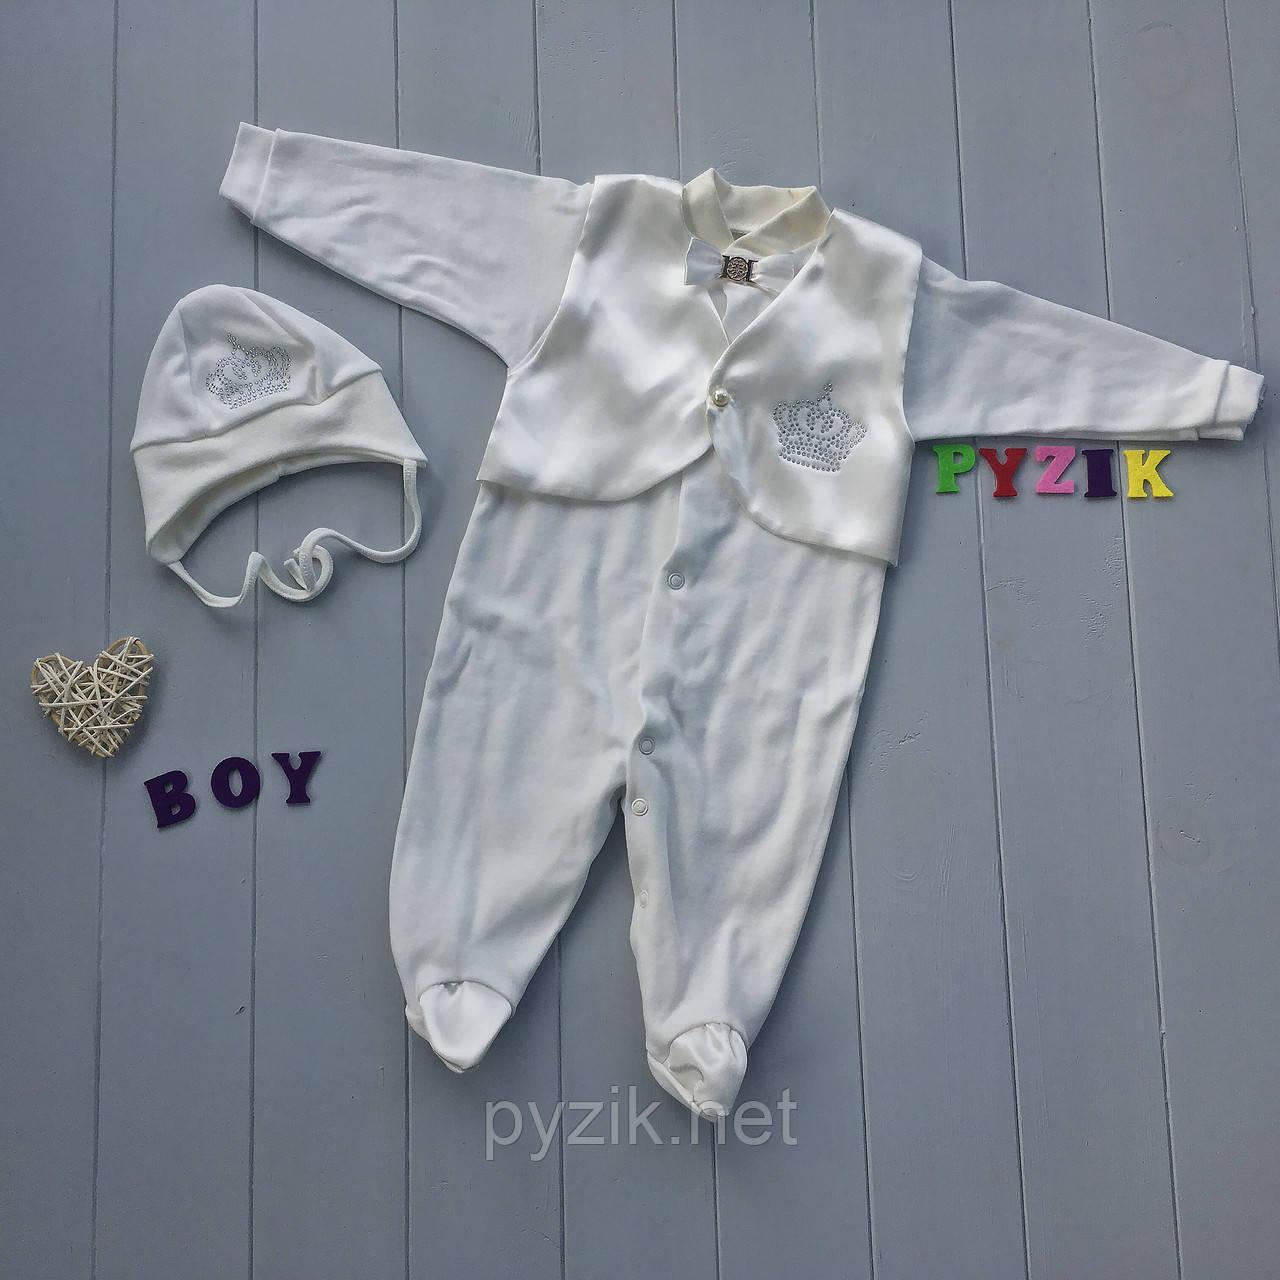 Крестильный набор для новорожденного (человечек+шапочка) Сеньор 2